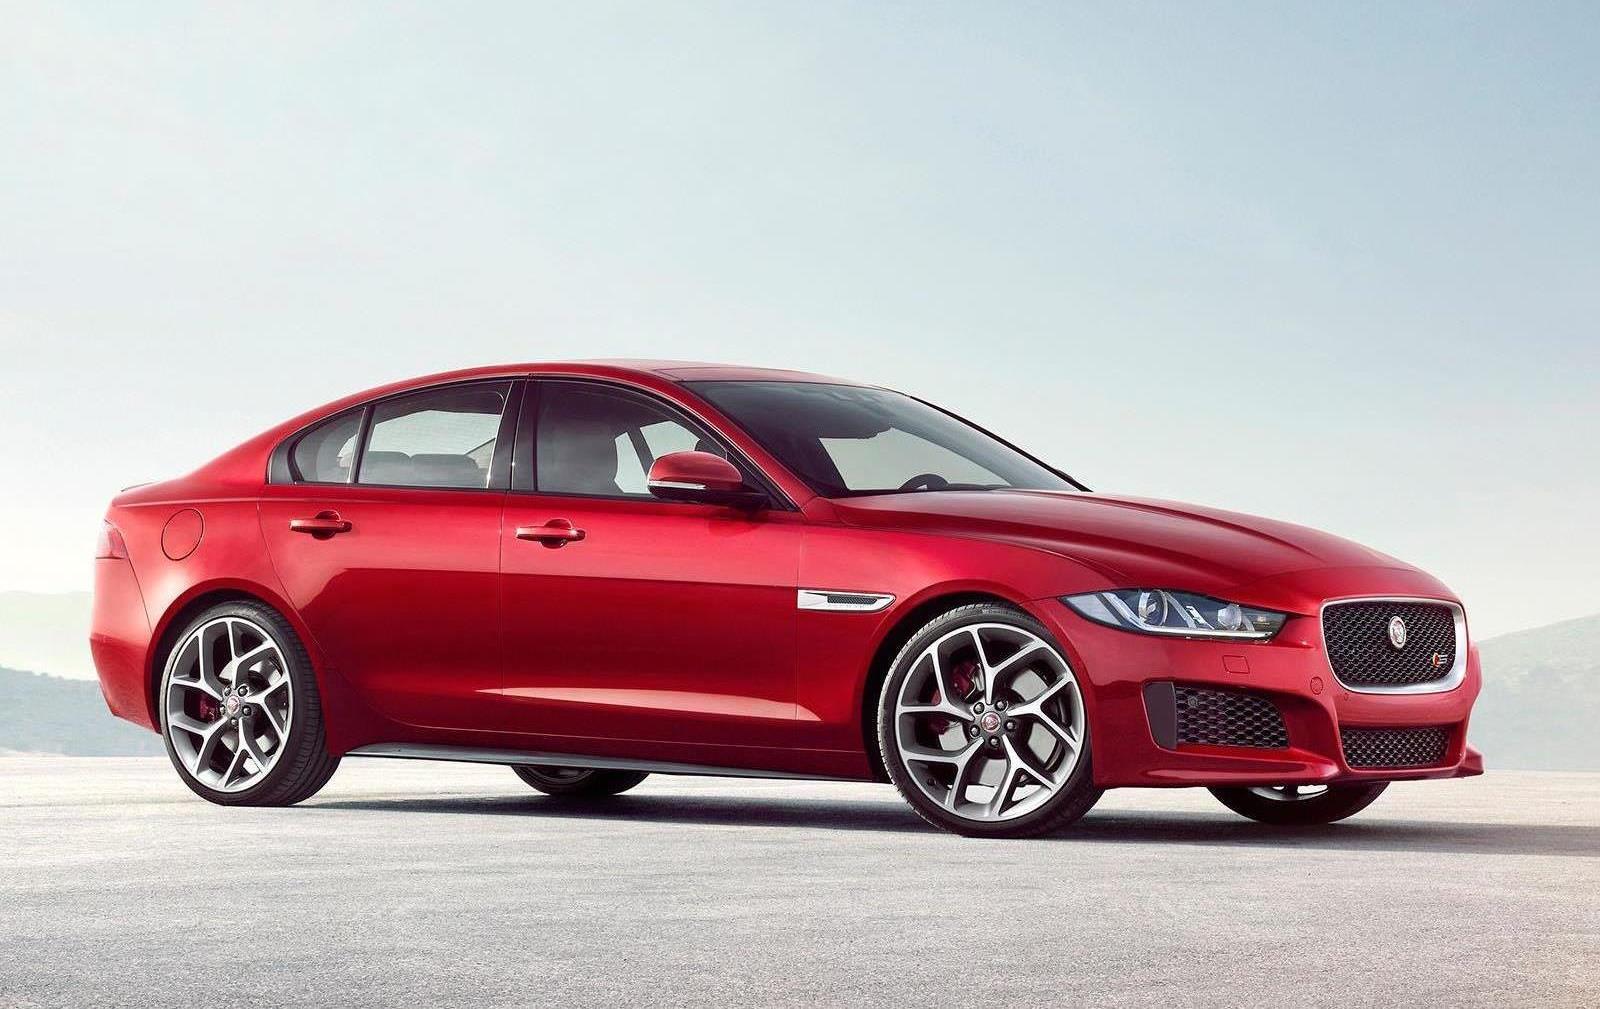 Nya Jaguar XE, en utstuderad sportsedan i mellanklassens premiumsegment och därmed en rak höger mot BMW 3-serie. Här toppmodellen XE S med kompressor-V6 hämtad från de större Jaggorna. Storsäljarna blir dock fyrcylindriga.